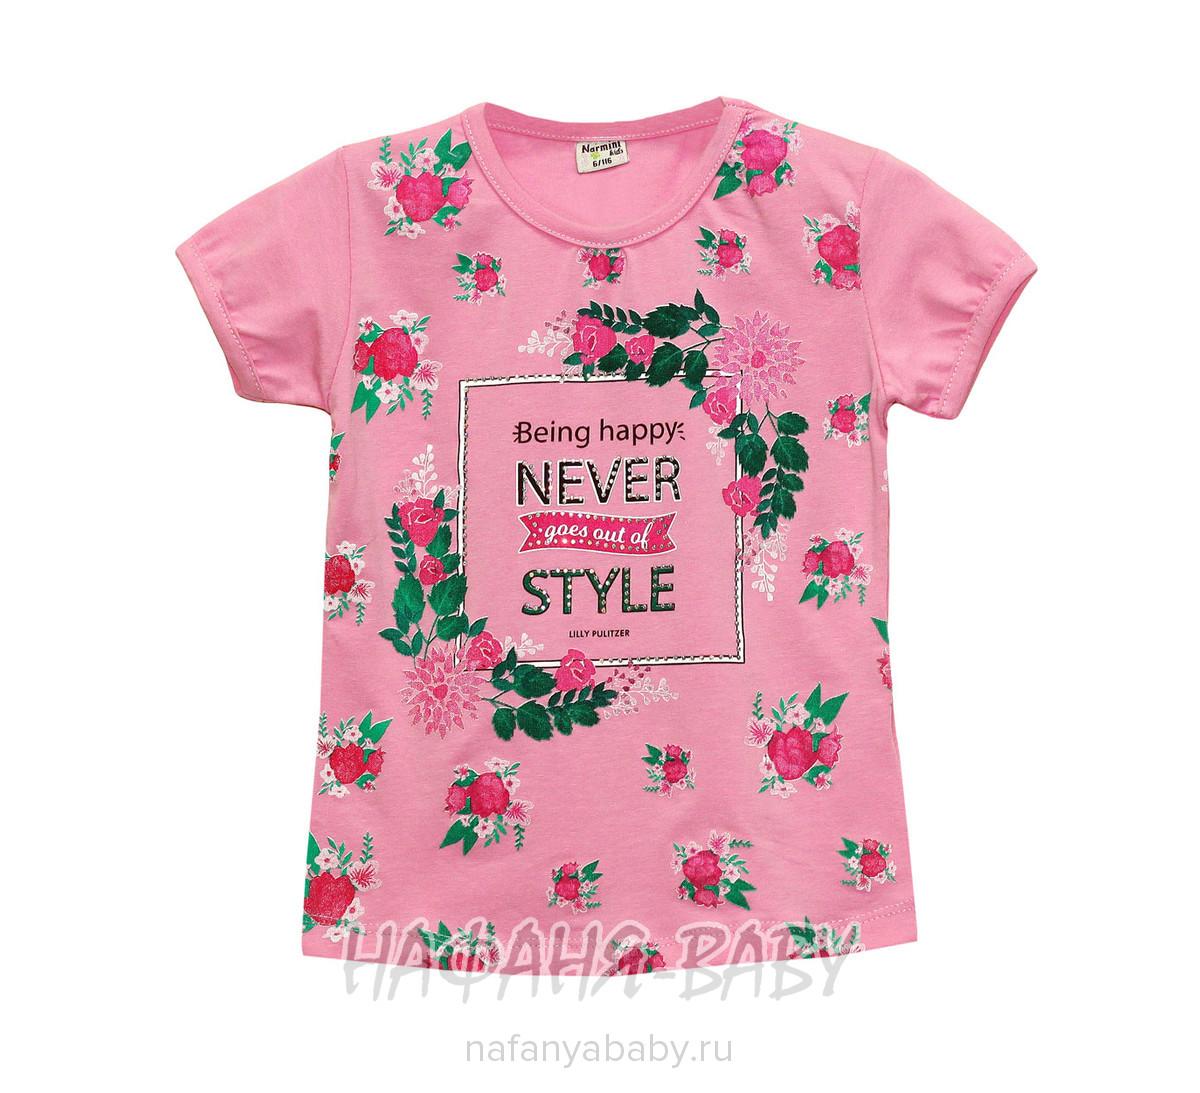 Детская футболка NARMINI арт: 4624, 1-4 года, 5-9 лет, оптом Турция